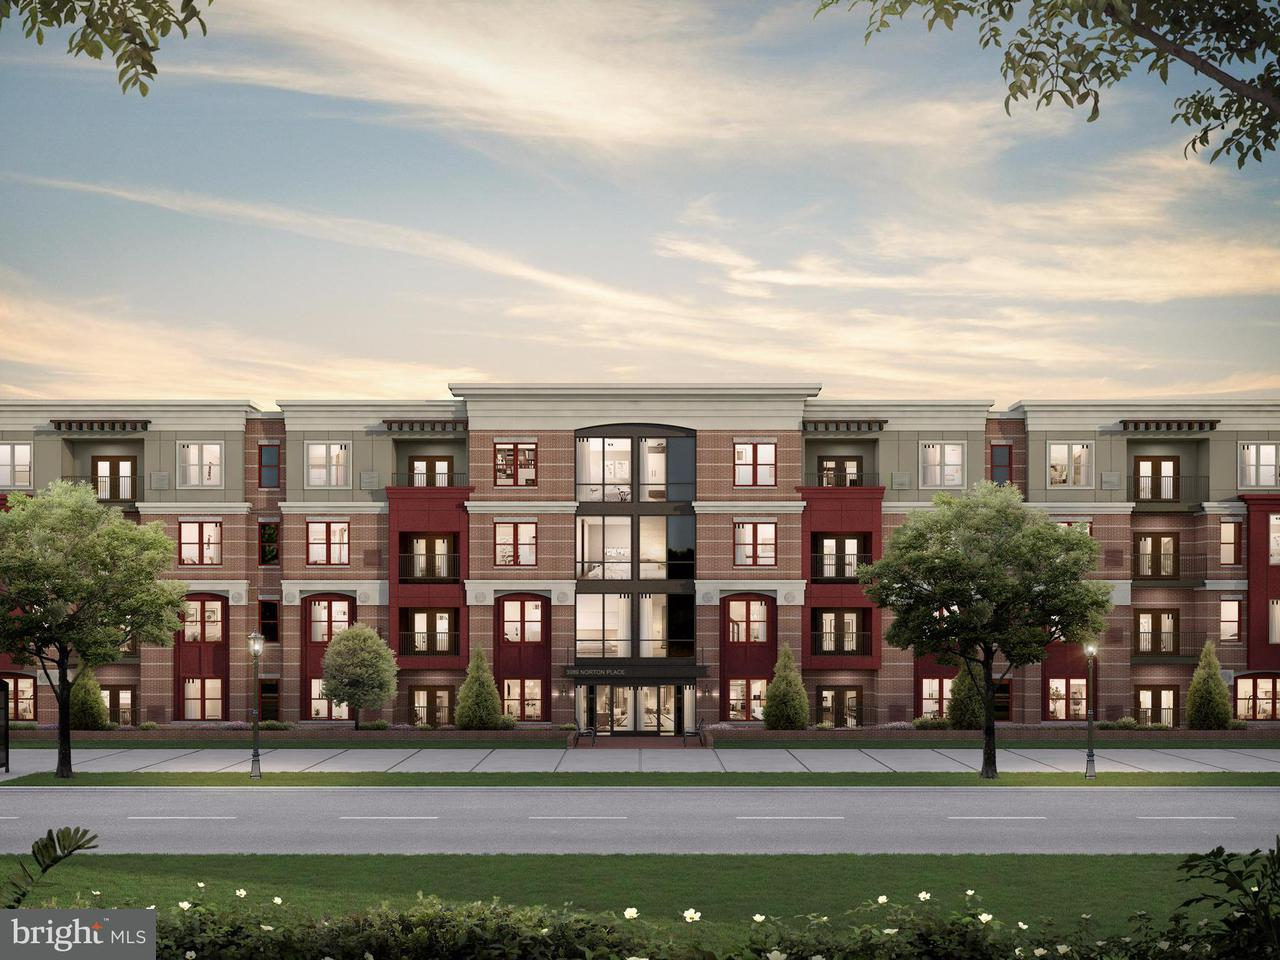 Appartement en copropriété pour l Vente à 3985 NORTON PL #20301 3985 NORTON PL #20301 Fairfax, Virginia 22030 États-Unis